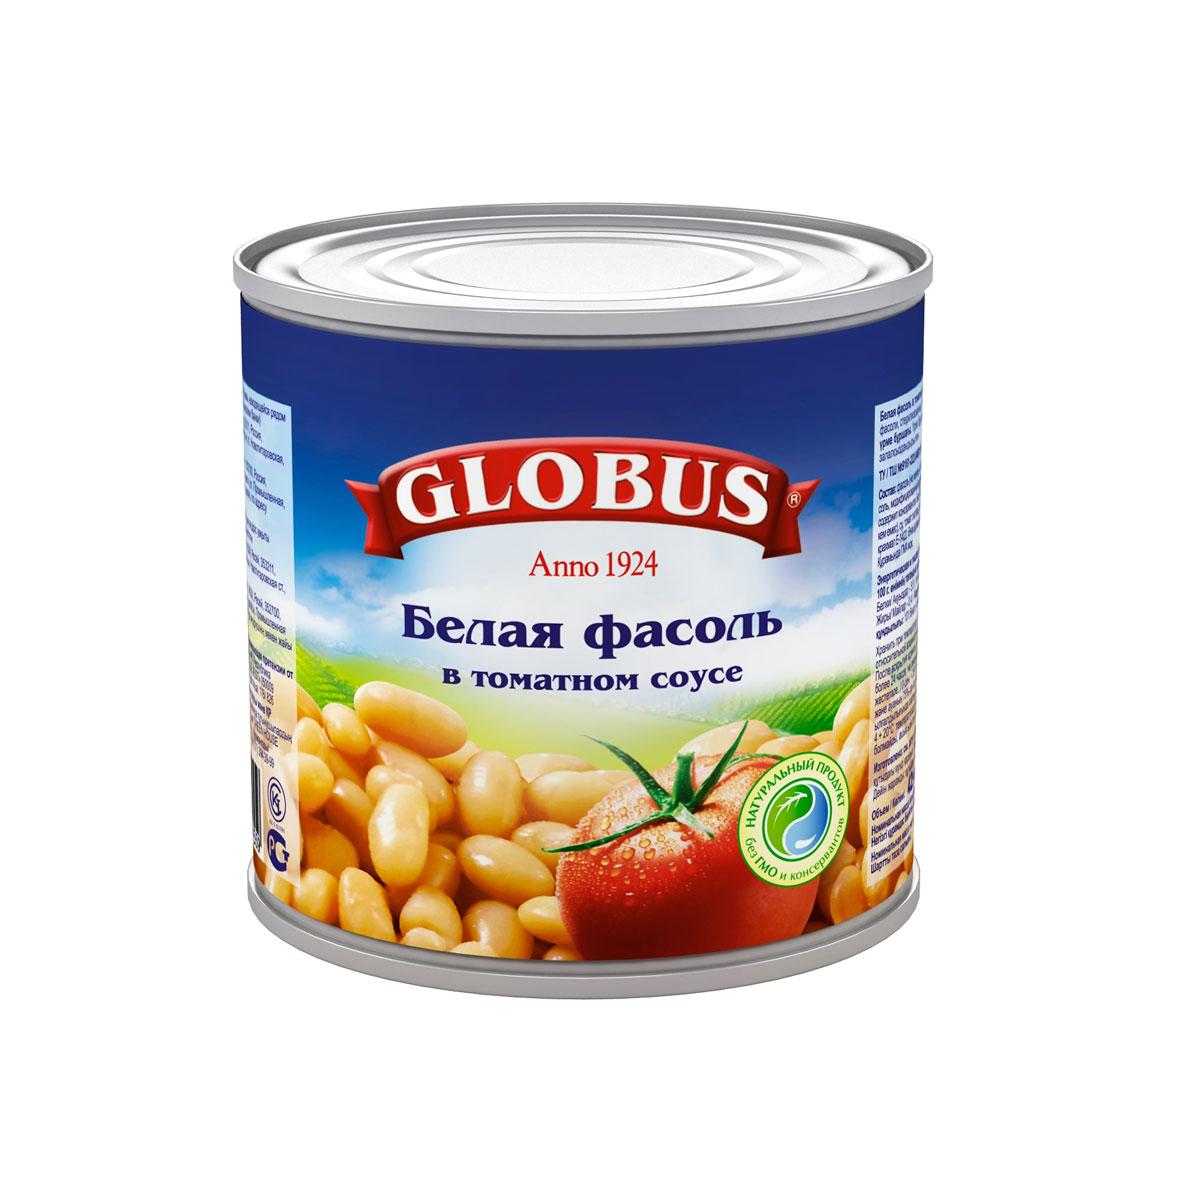 Globus белая фасоль в томатном соусе, 400 г4807Белая фасоль содержит в легкоусвояемой форме немало питательных веществ. Она прекрасно сочетается с помидорами и чесноком, свежими травами, сливками, маслом, бараниной, зелеными овощами и чили.